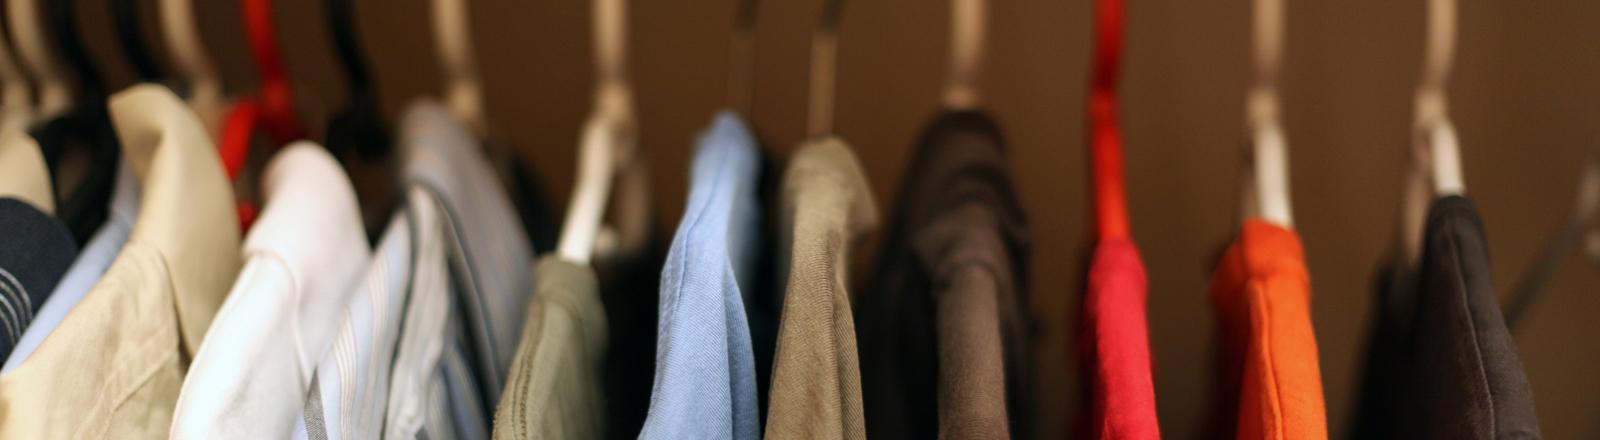 Bügel mit Hemden im Kleiderschrank.